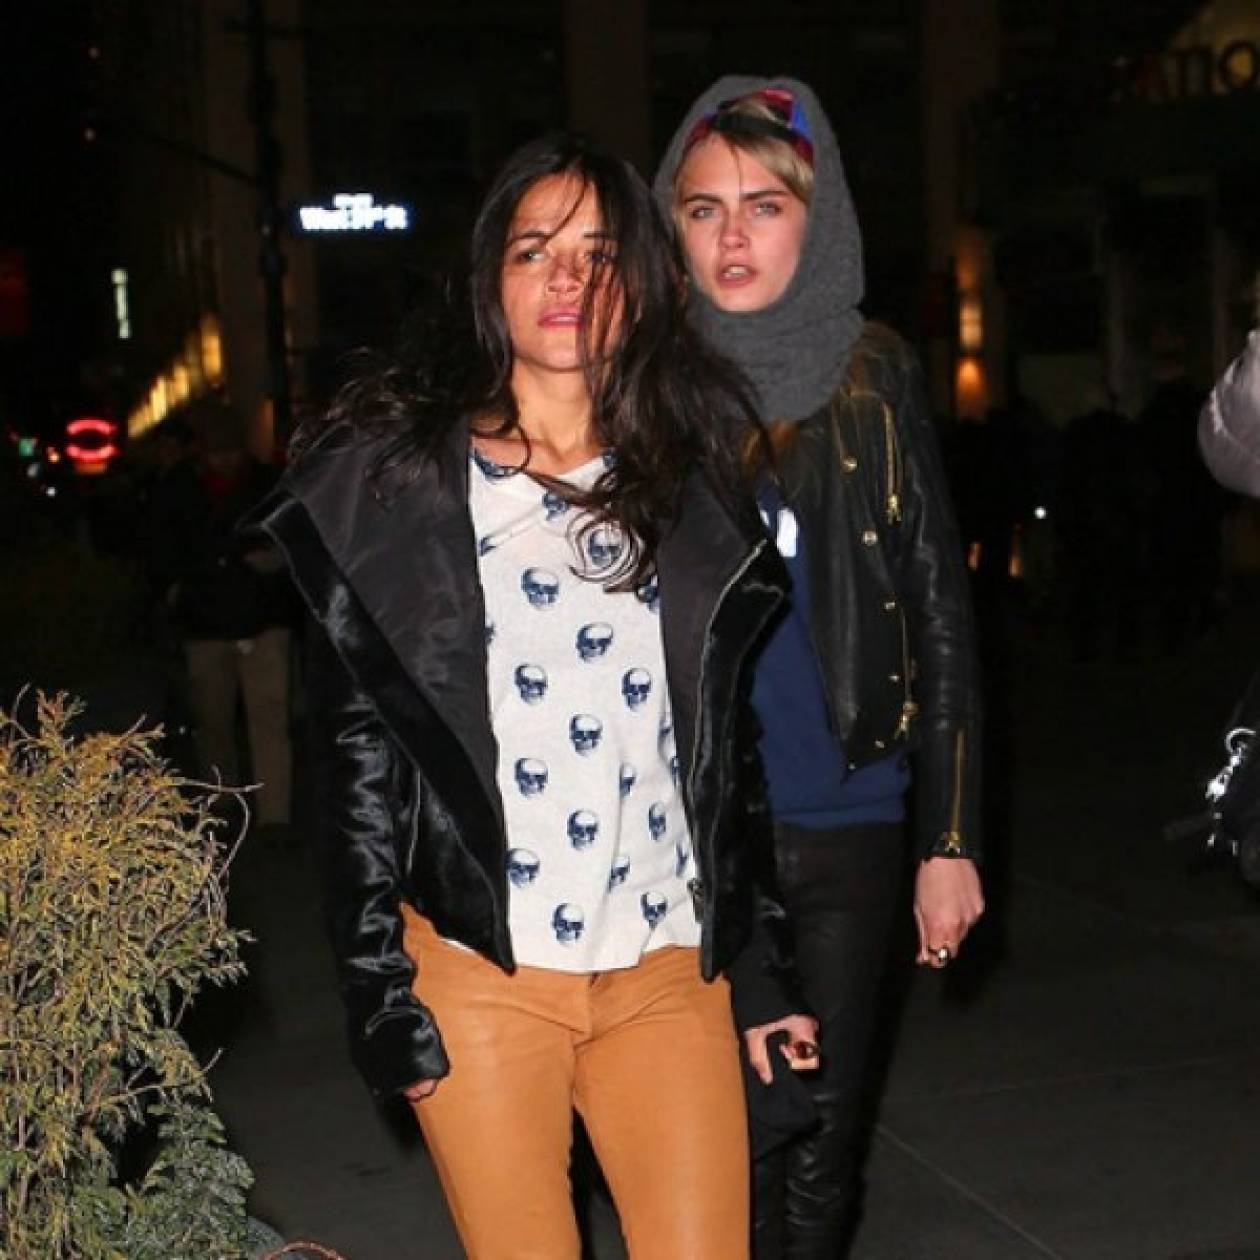 Η Cara Delevingne είναι επίσημα ζευγάρι με τη Michelle Rodriguez